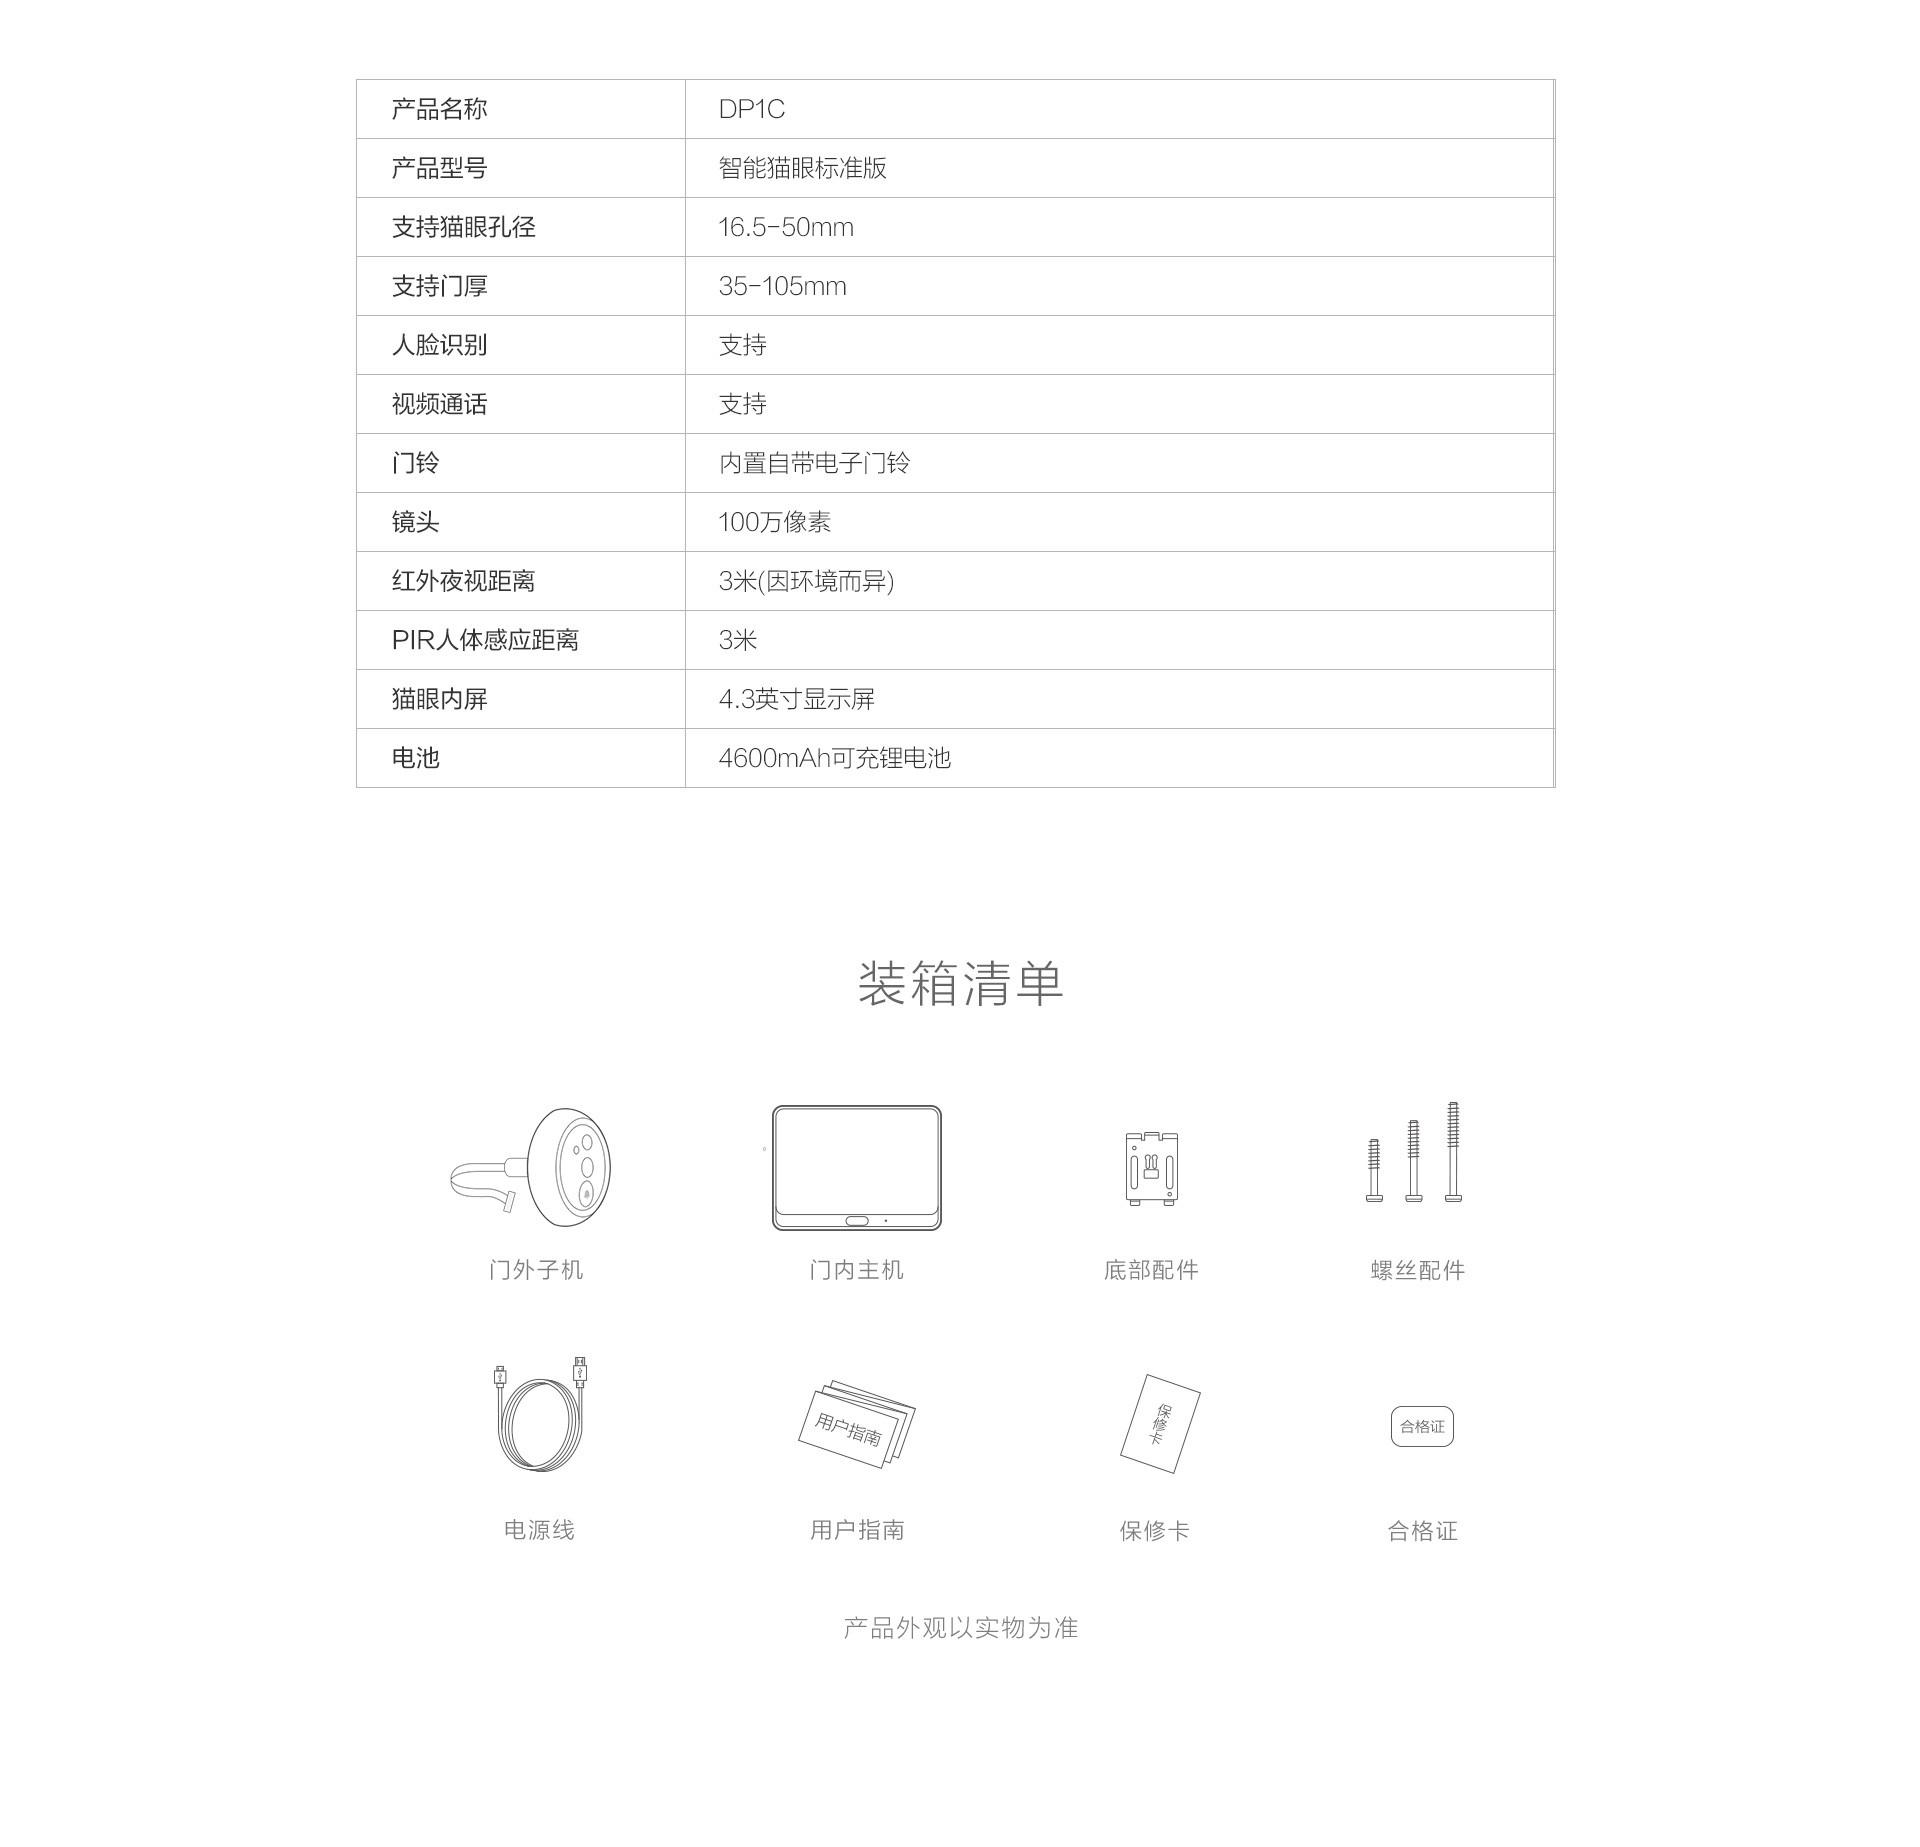 DP1C-官网web_22.jpg